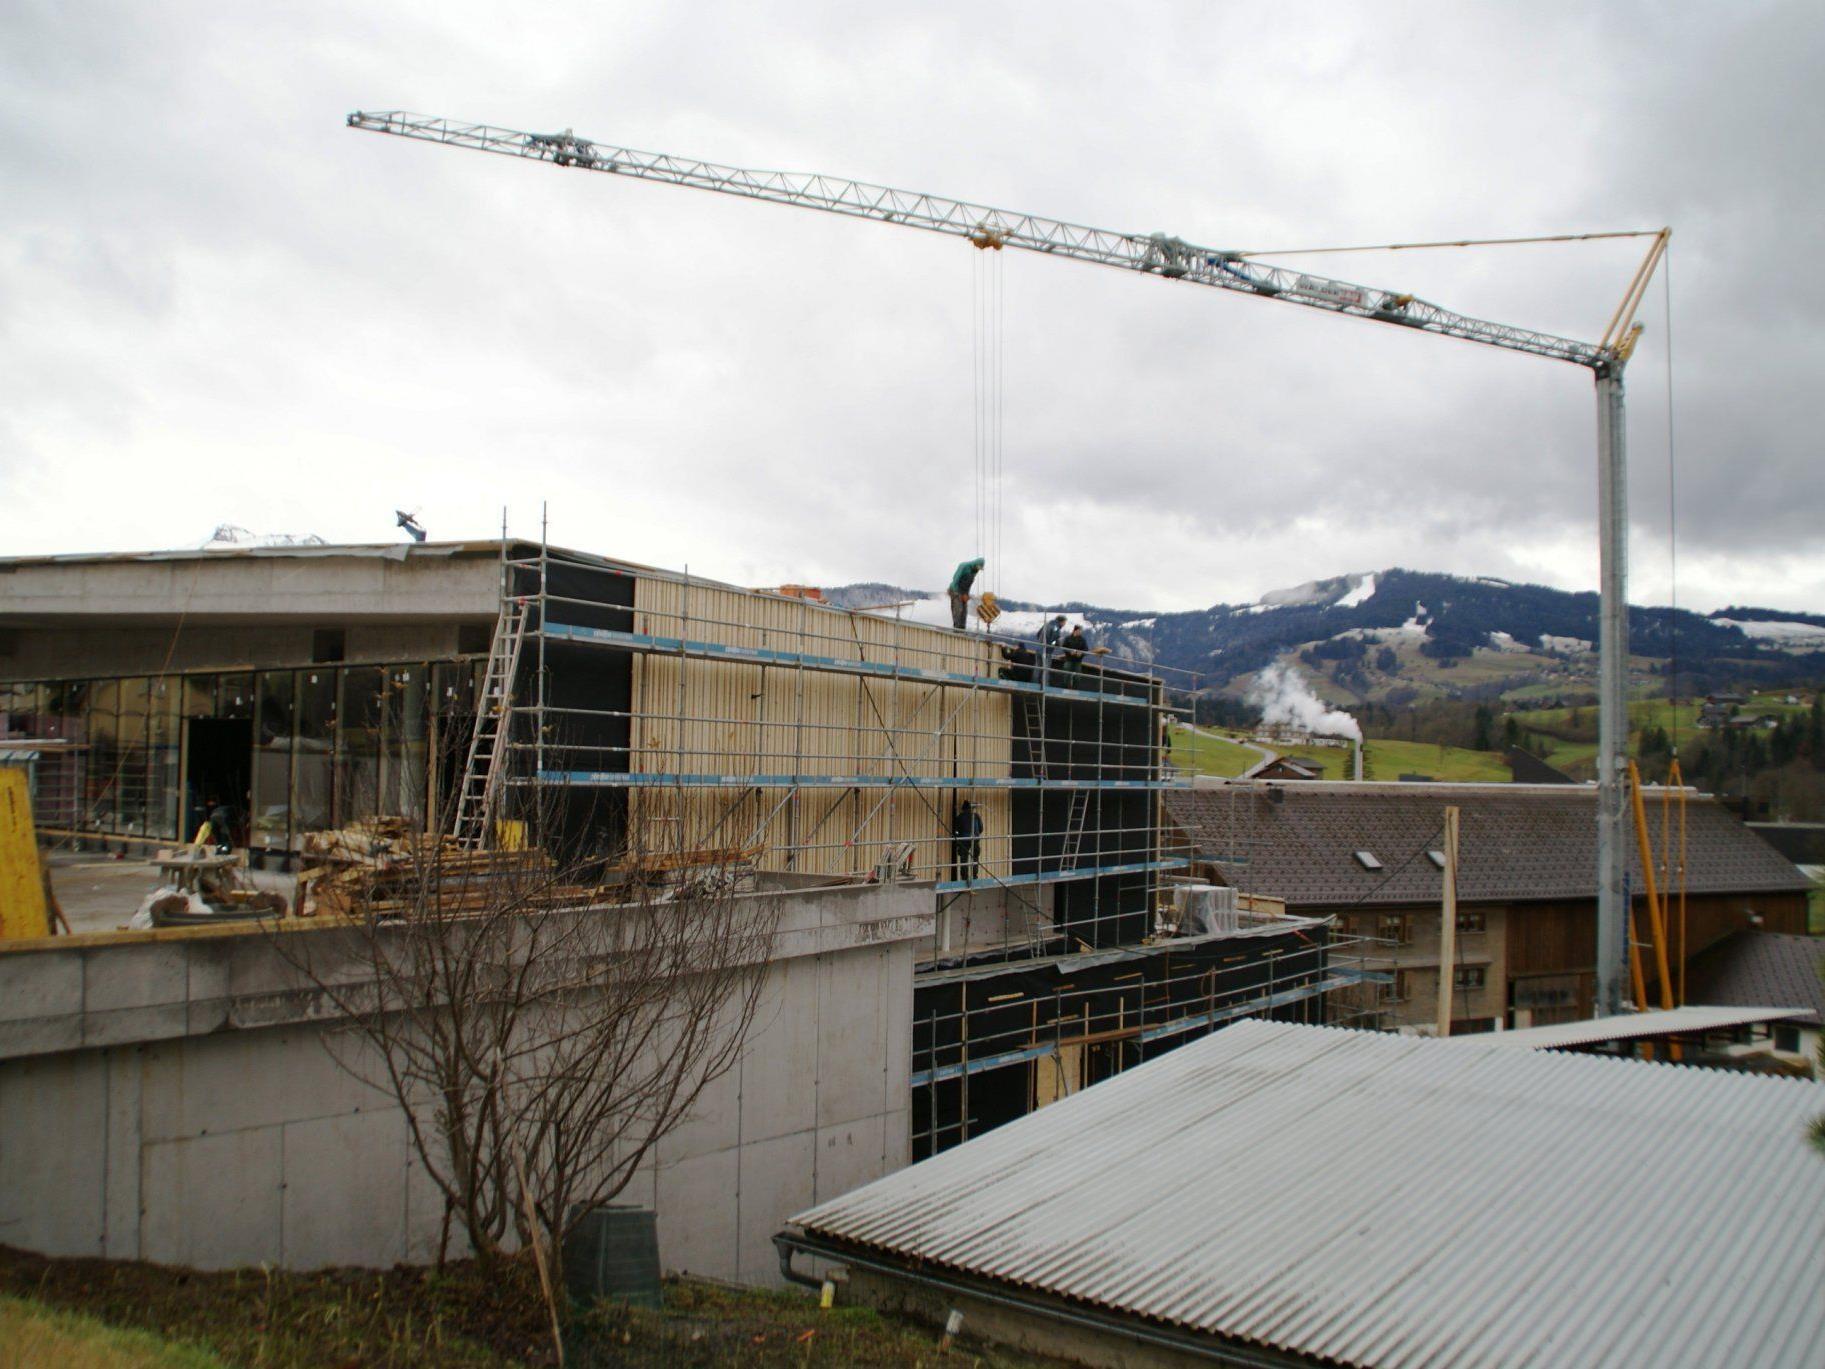 Das gute Wetter der vergangenen Monate begünstigten die Bauarbeiten beim neuen Einkaufszentrum.